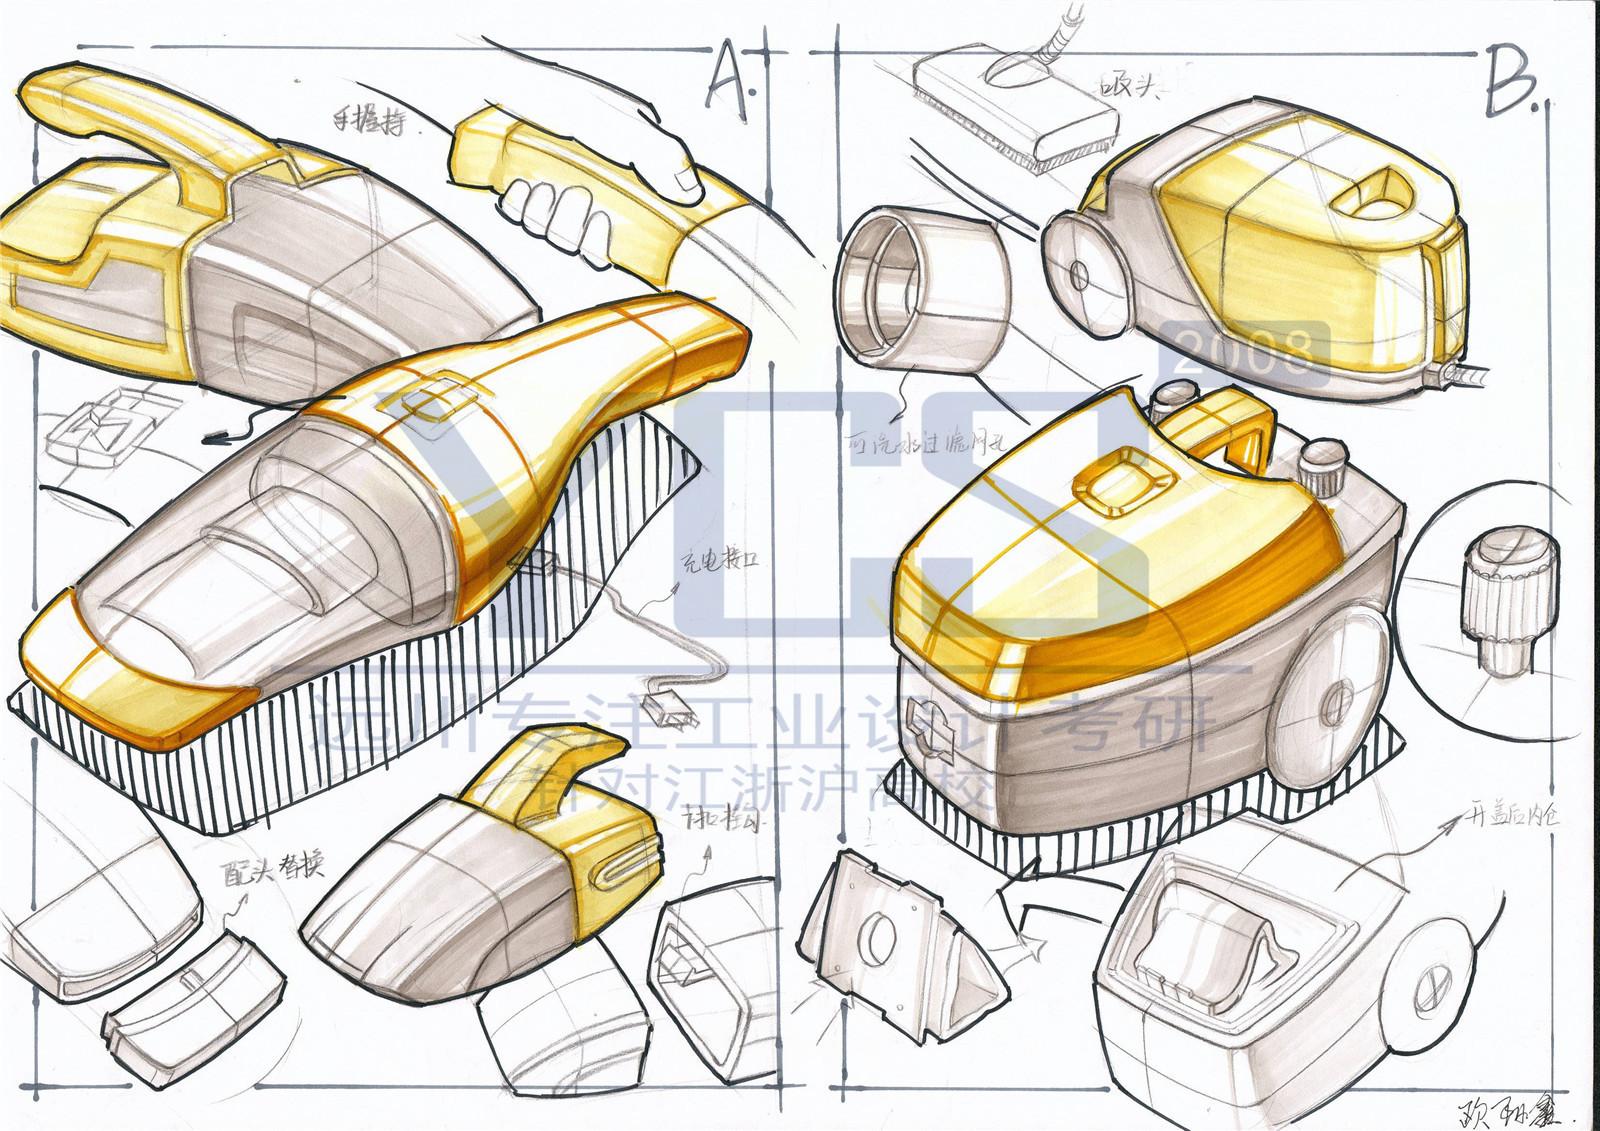 ycs远川工业设计考研手绘 工业/产品 其他工业/产品